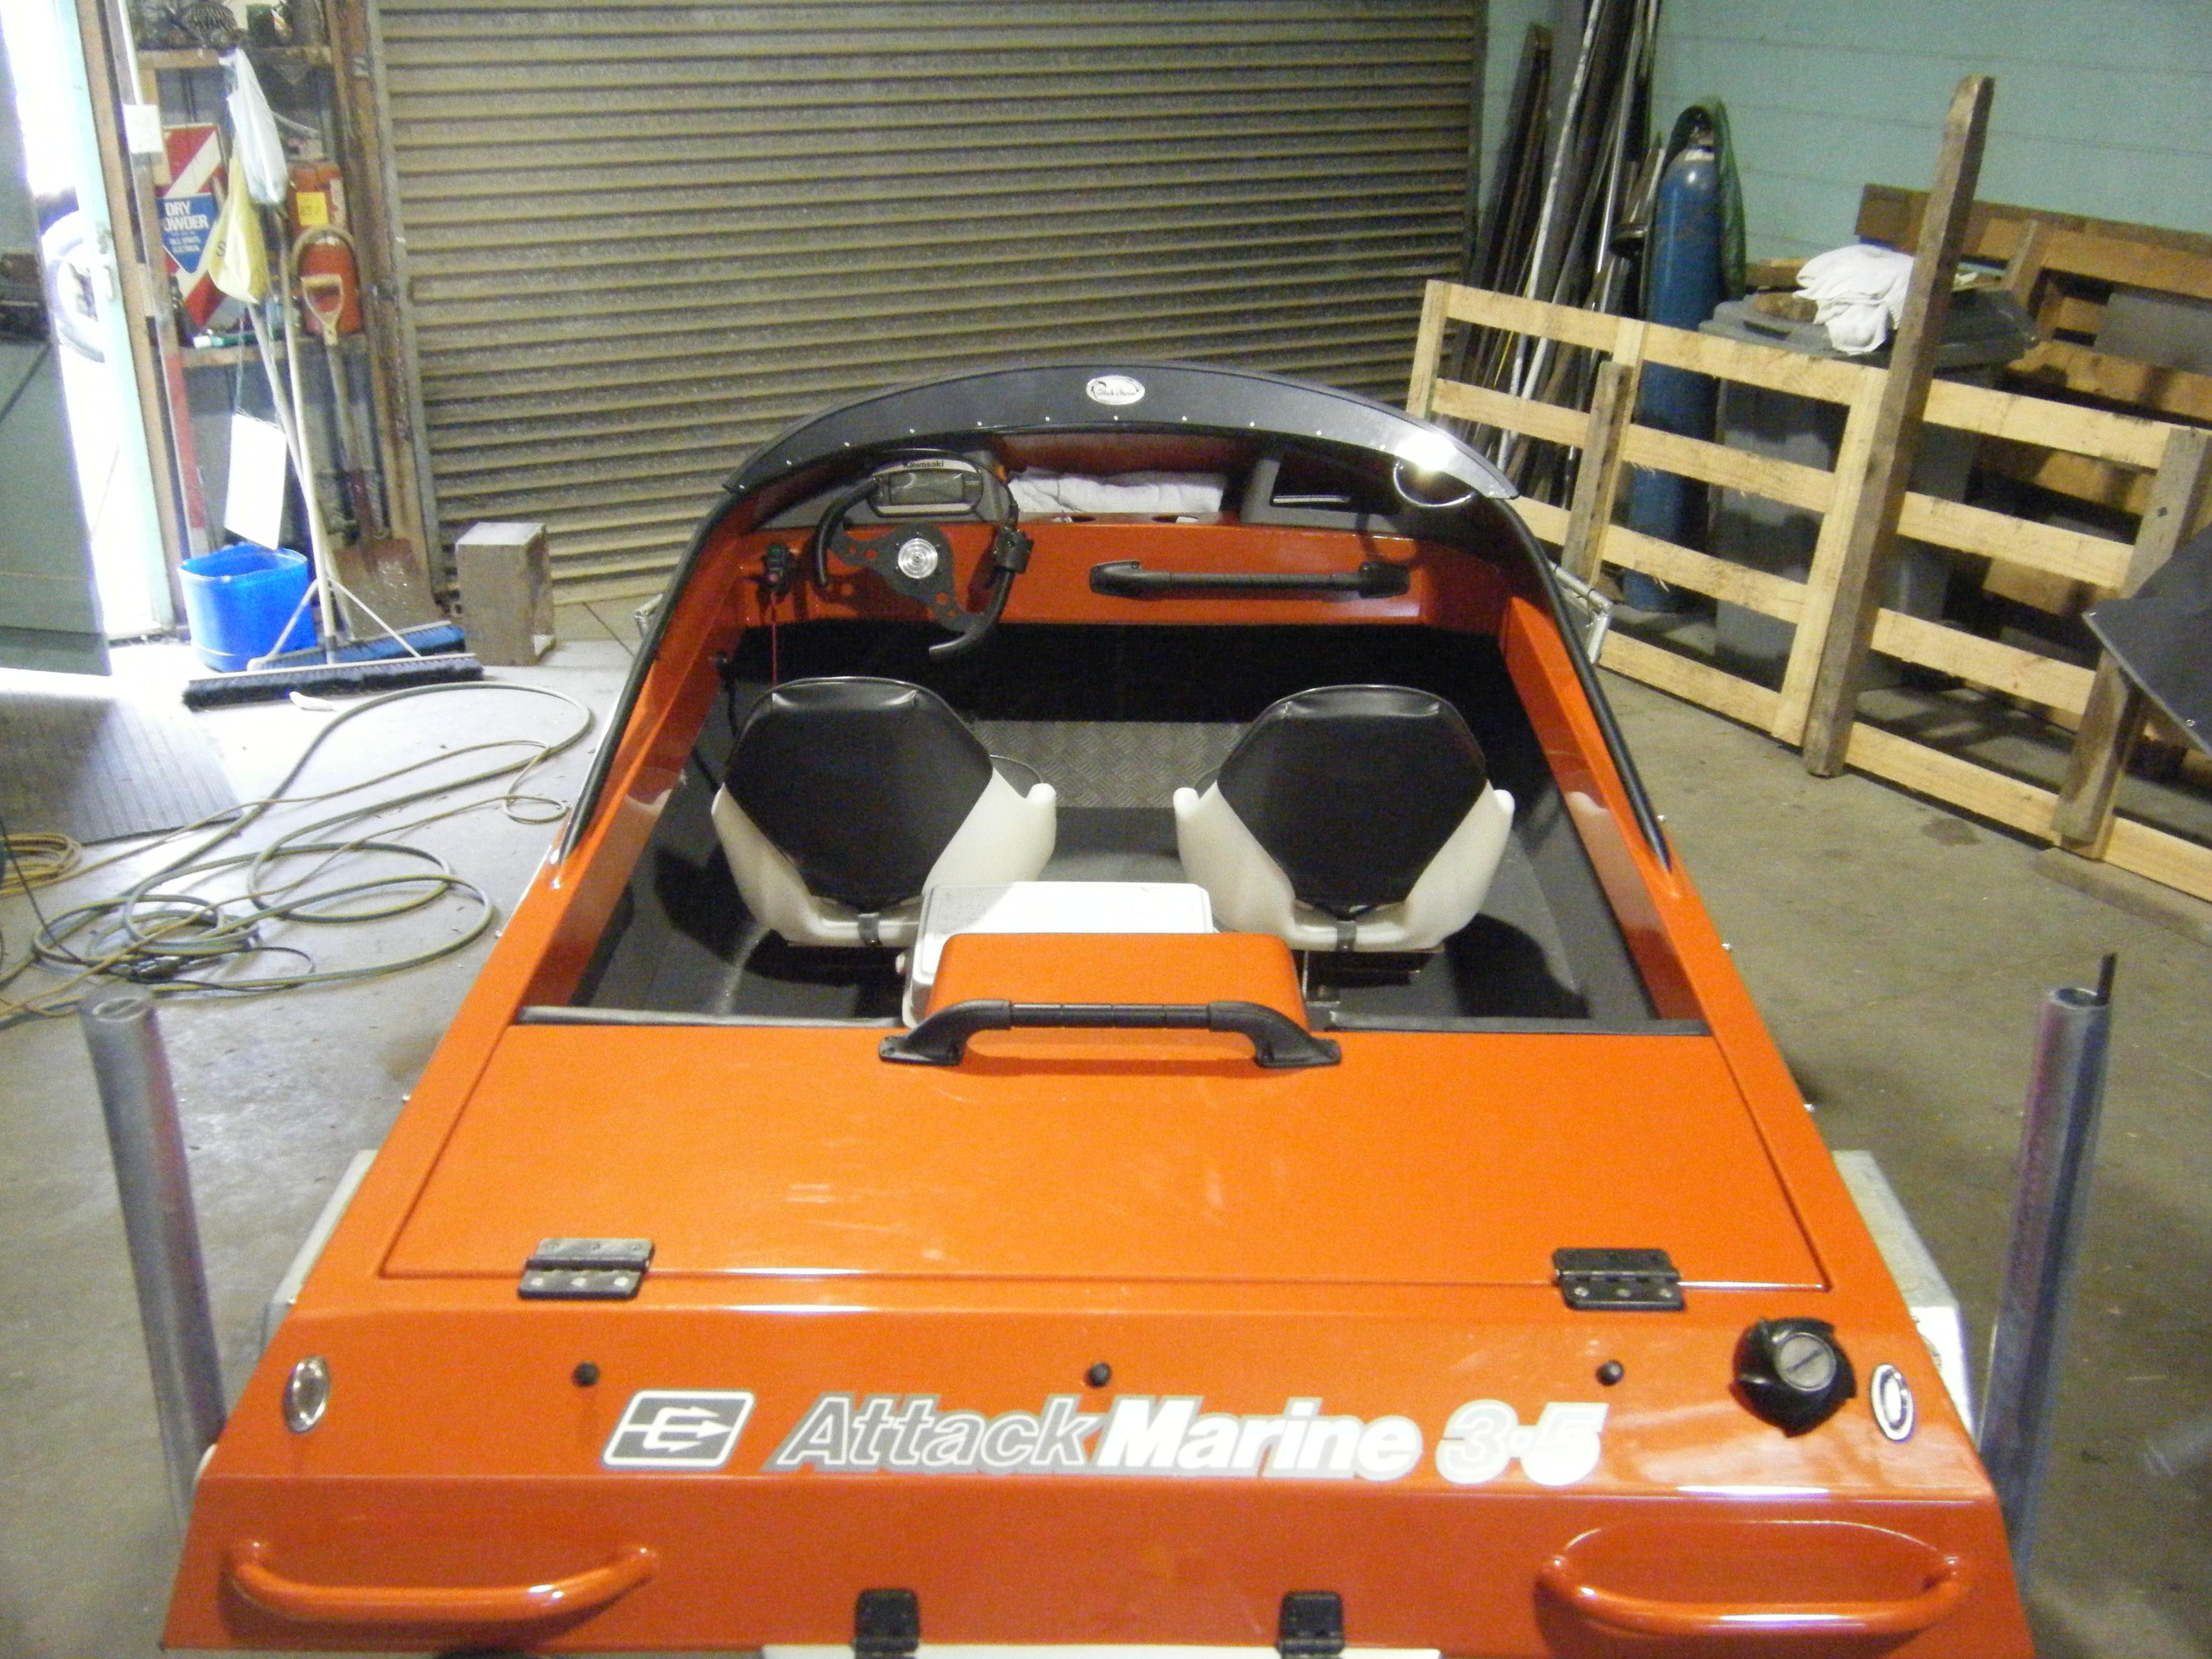 Demo Orange Boat 005